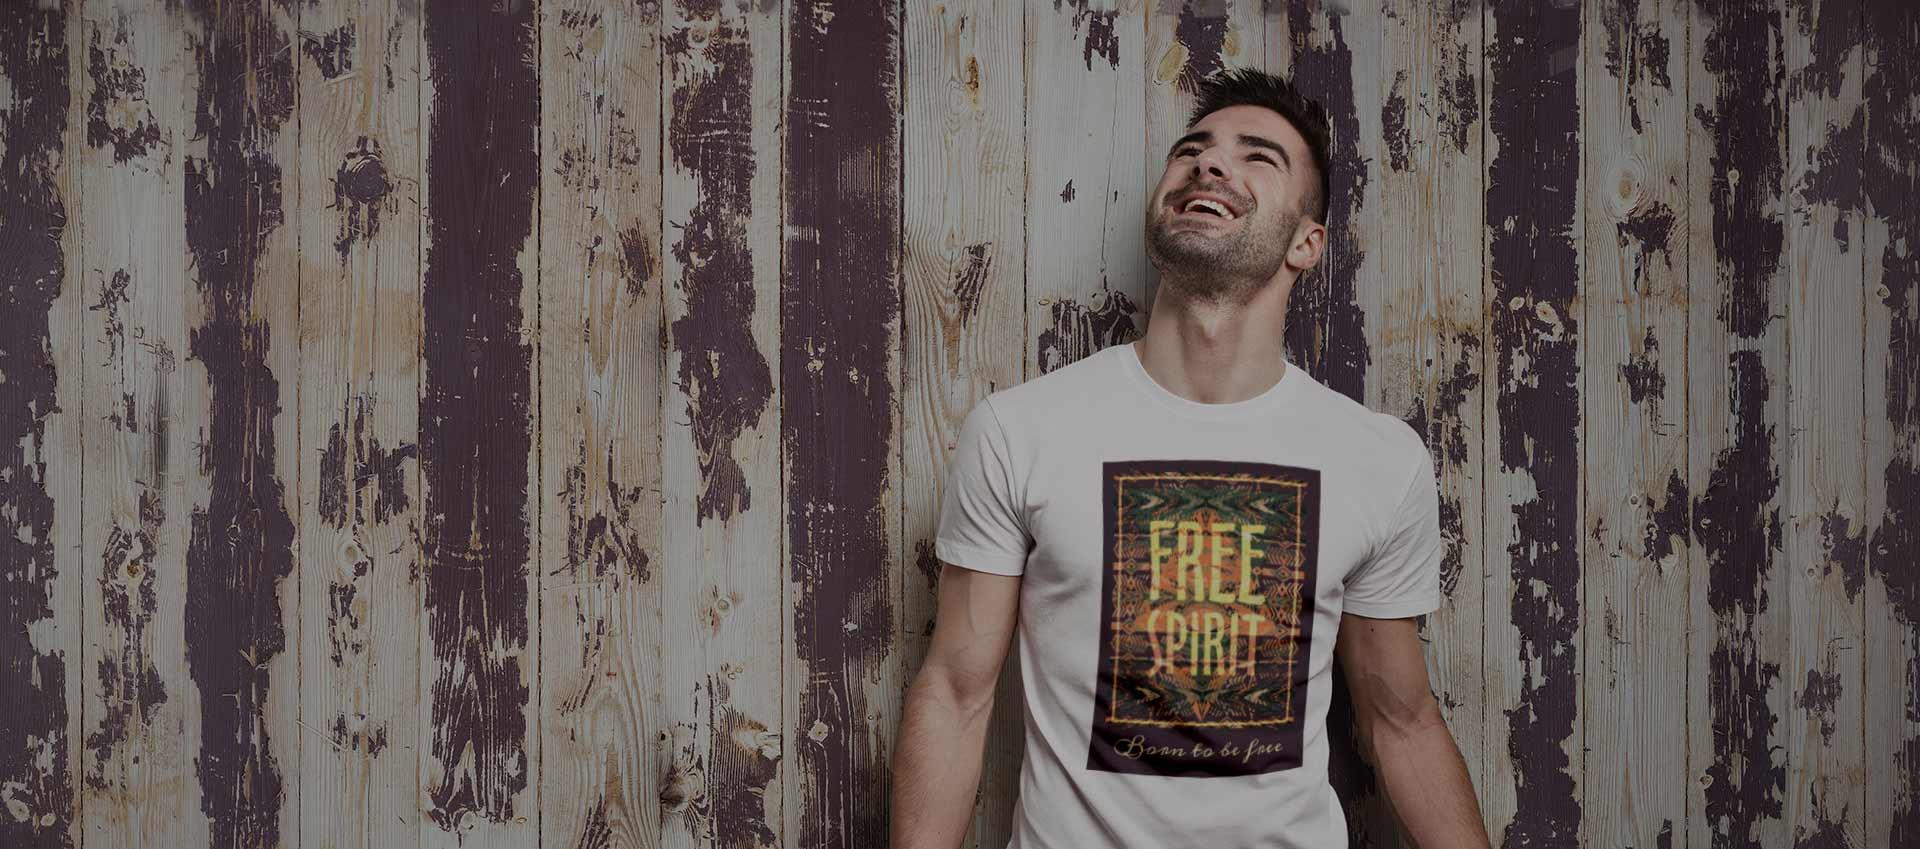 מגוון עיצובים להדפסים על חולצות